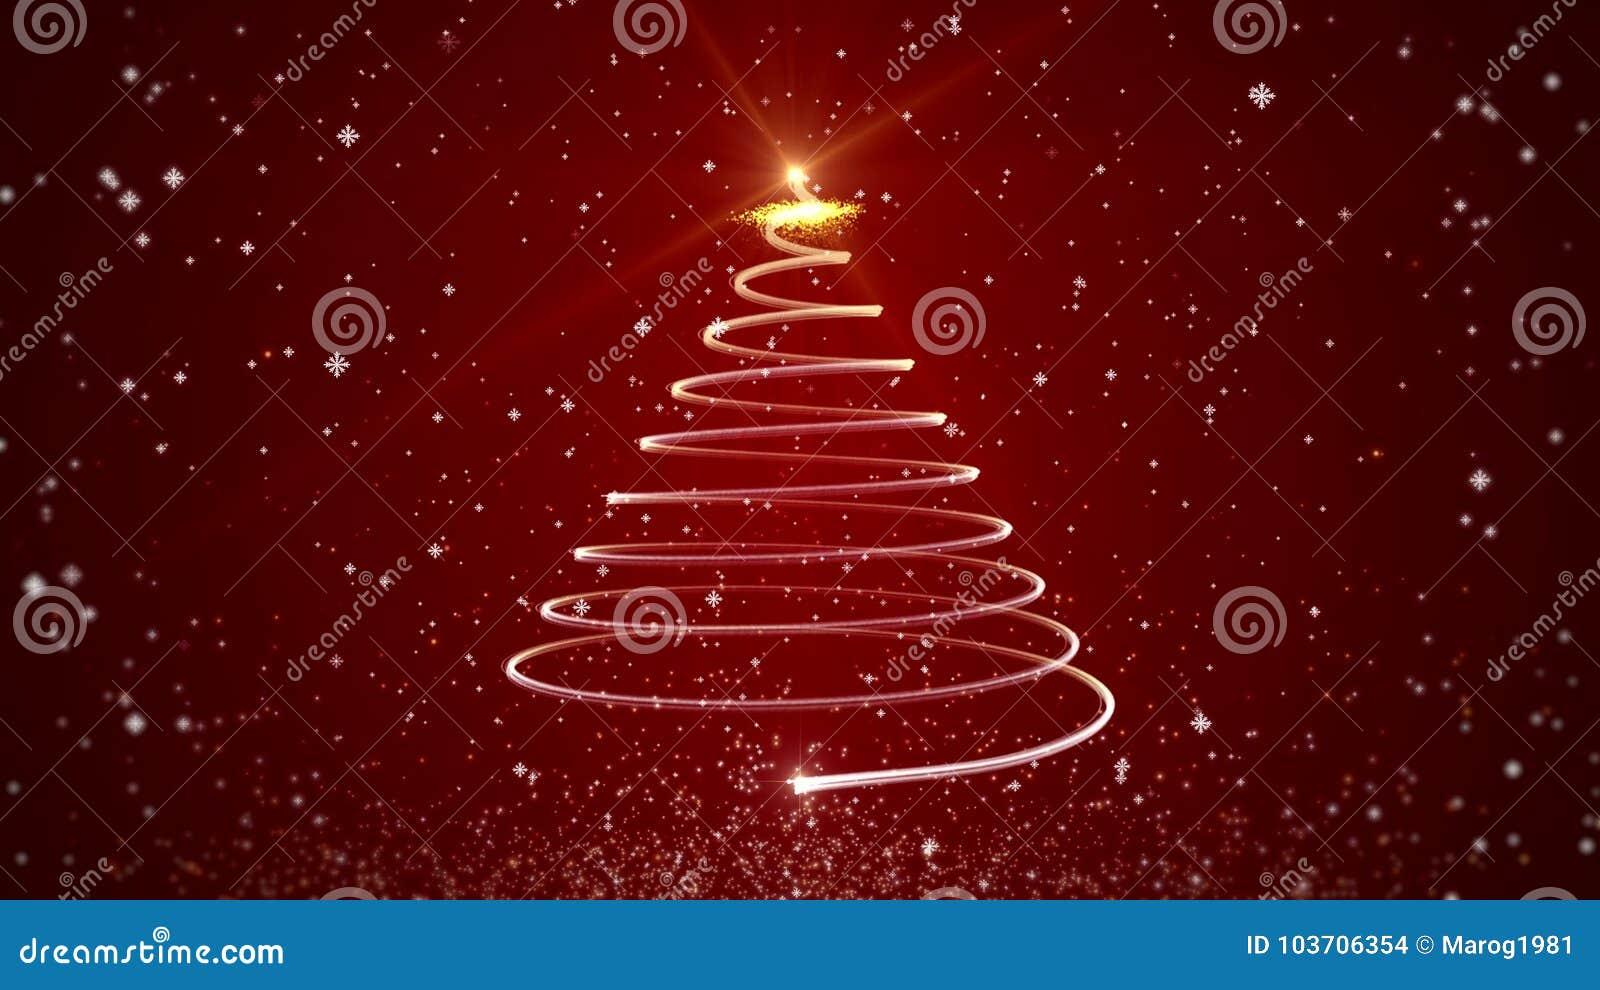 Imagenes Animadas Arboles Navidad.Arbol De Navidad Animado Video En Fondo Rojo